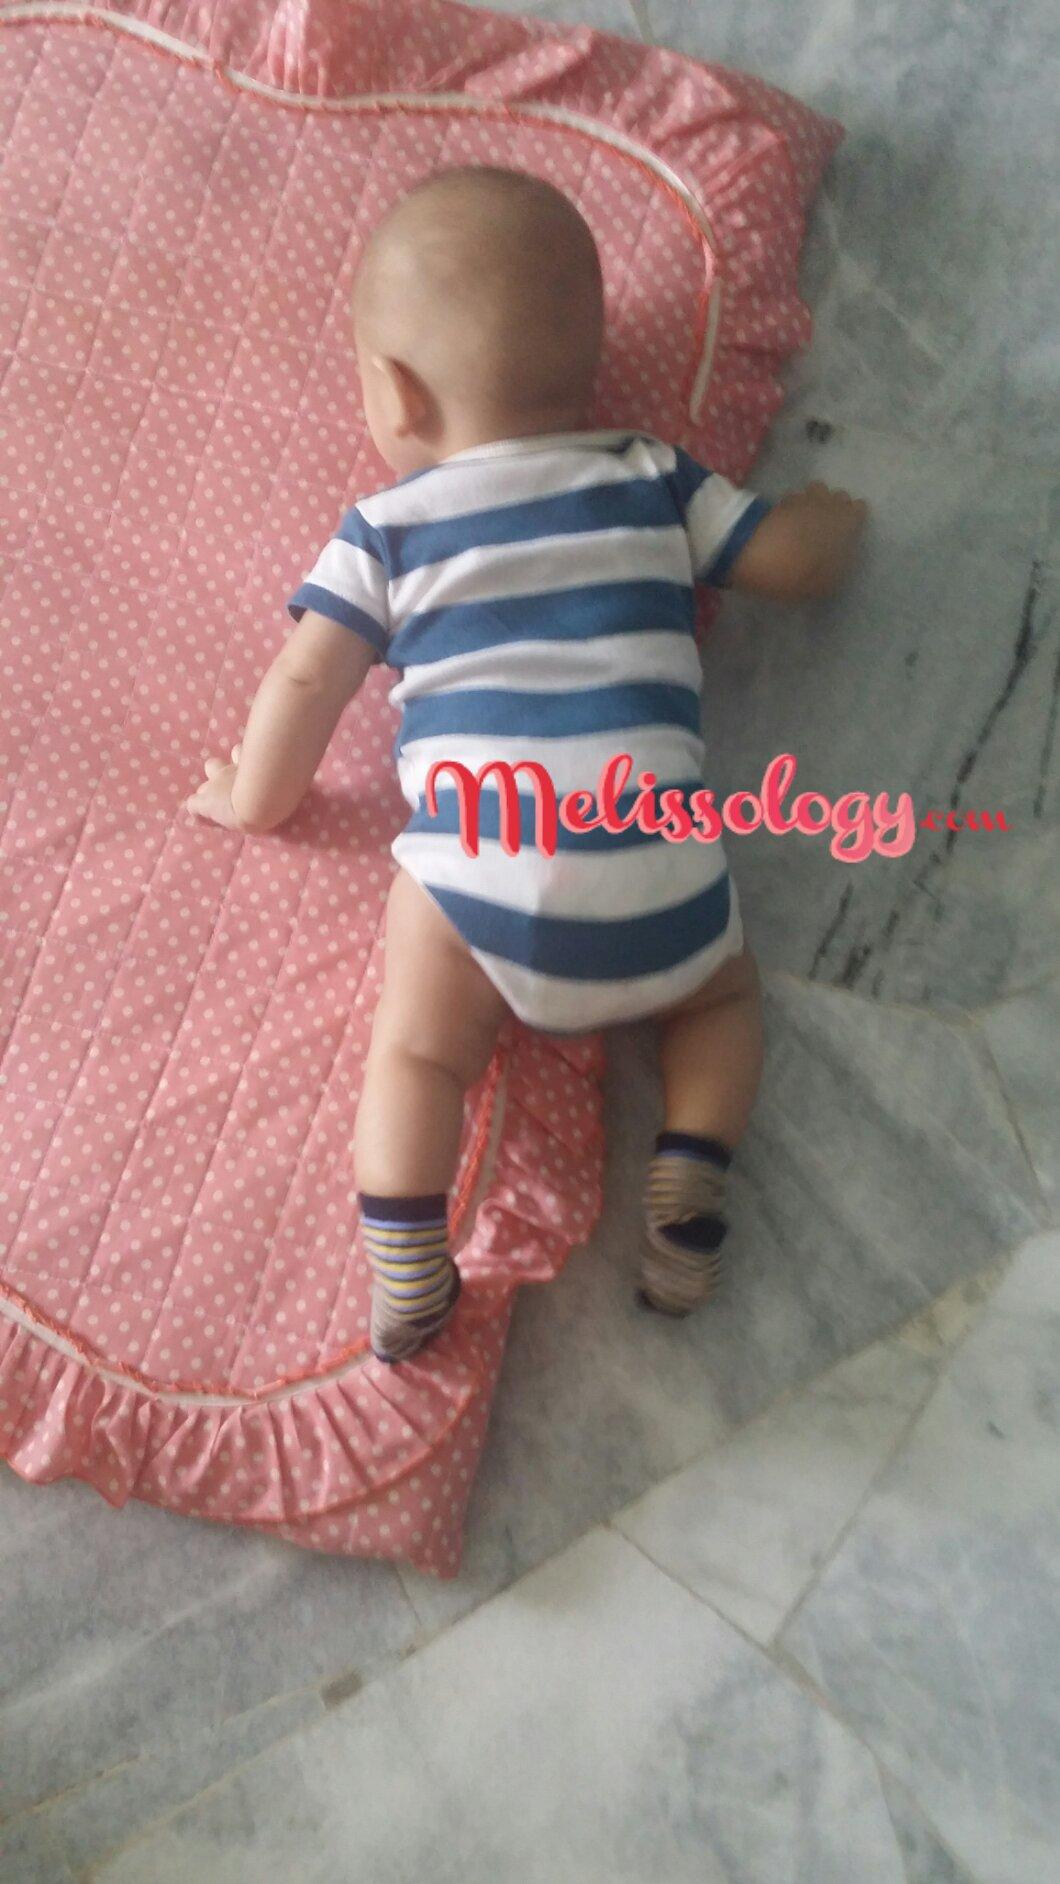 Sayf khaleel 3 months